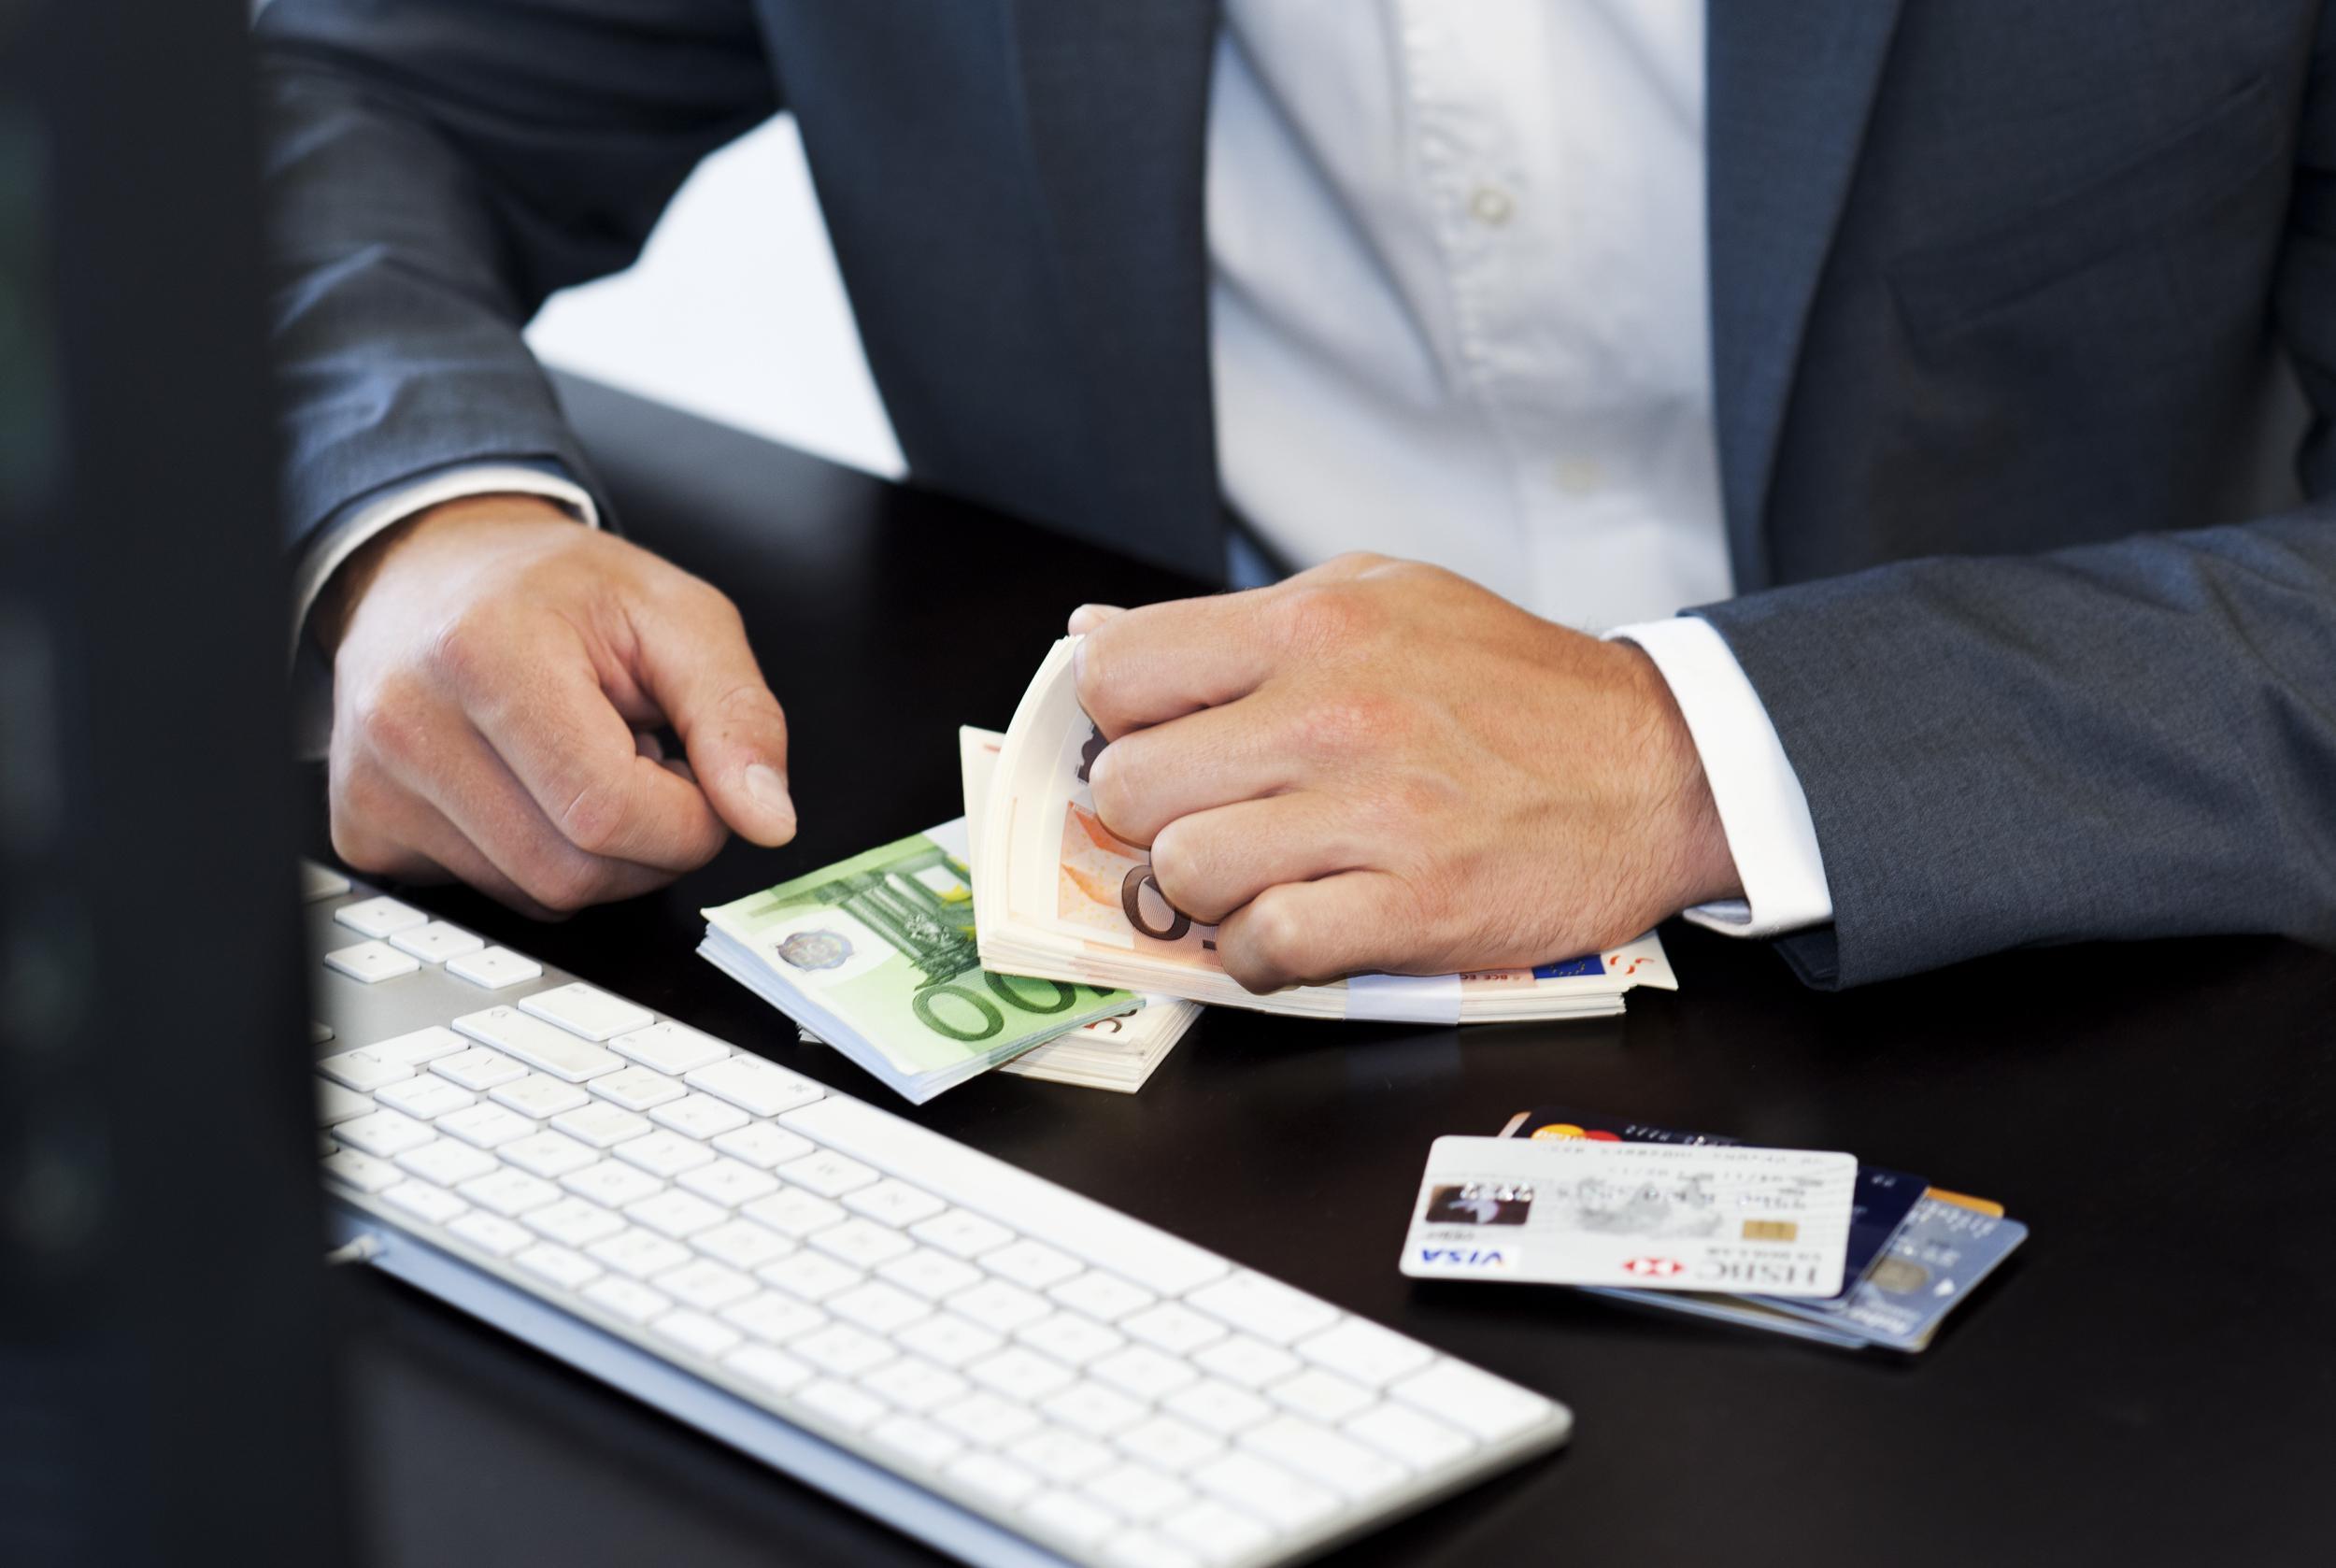 51-jarige man uit Leiden opgepakt voor belastingfraude, benadeelde de schatkist voor ruim 600.000 euro